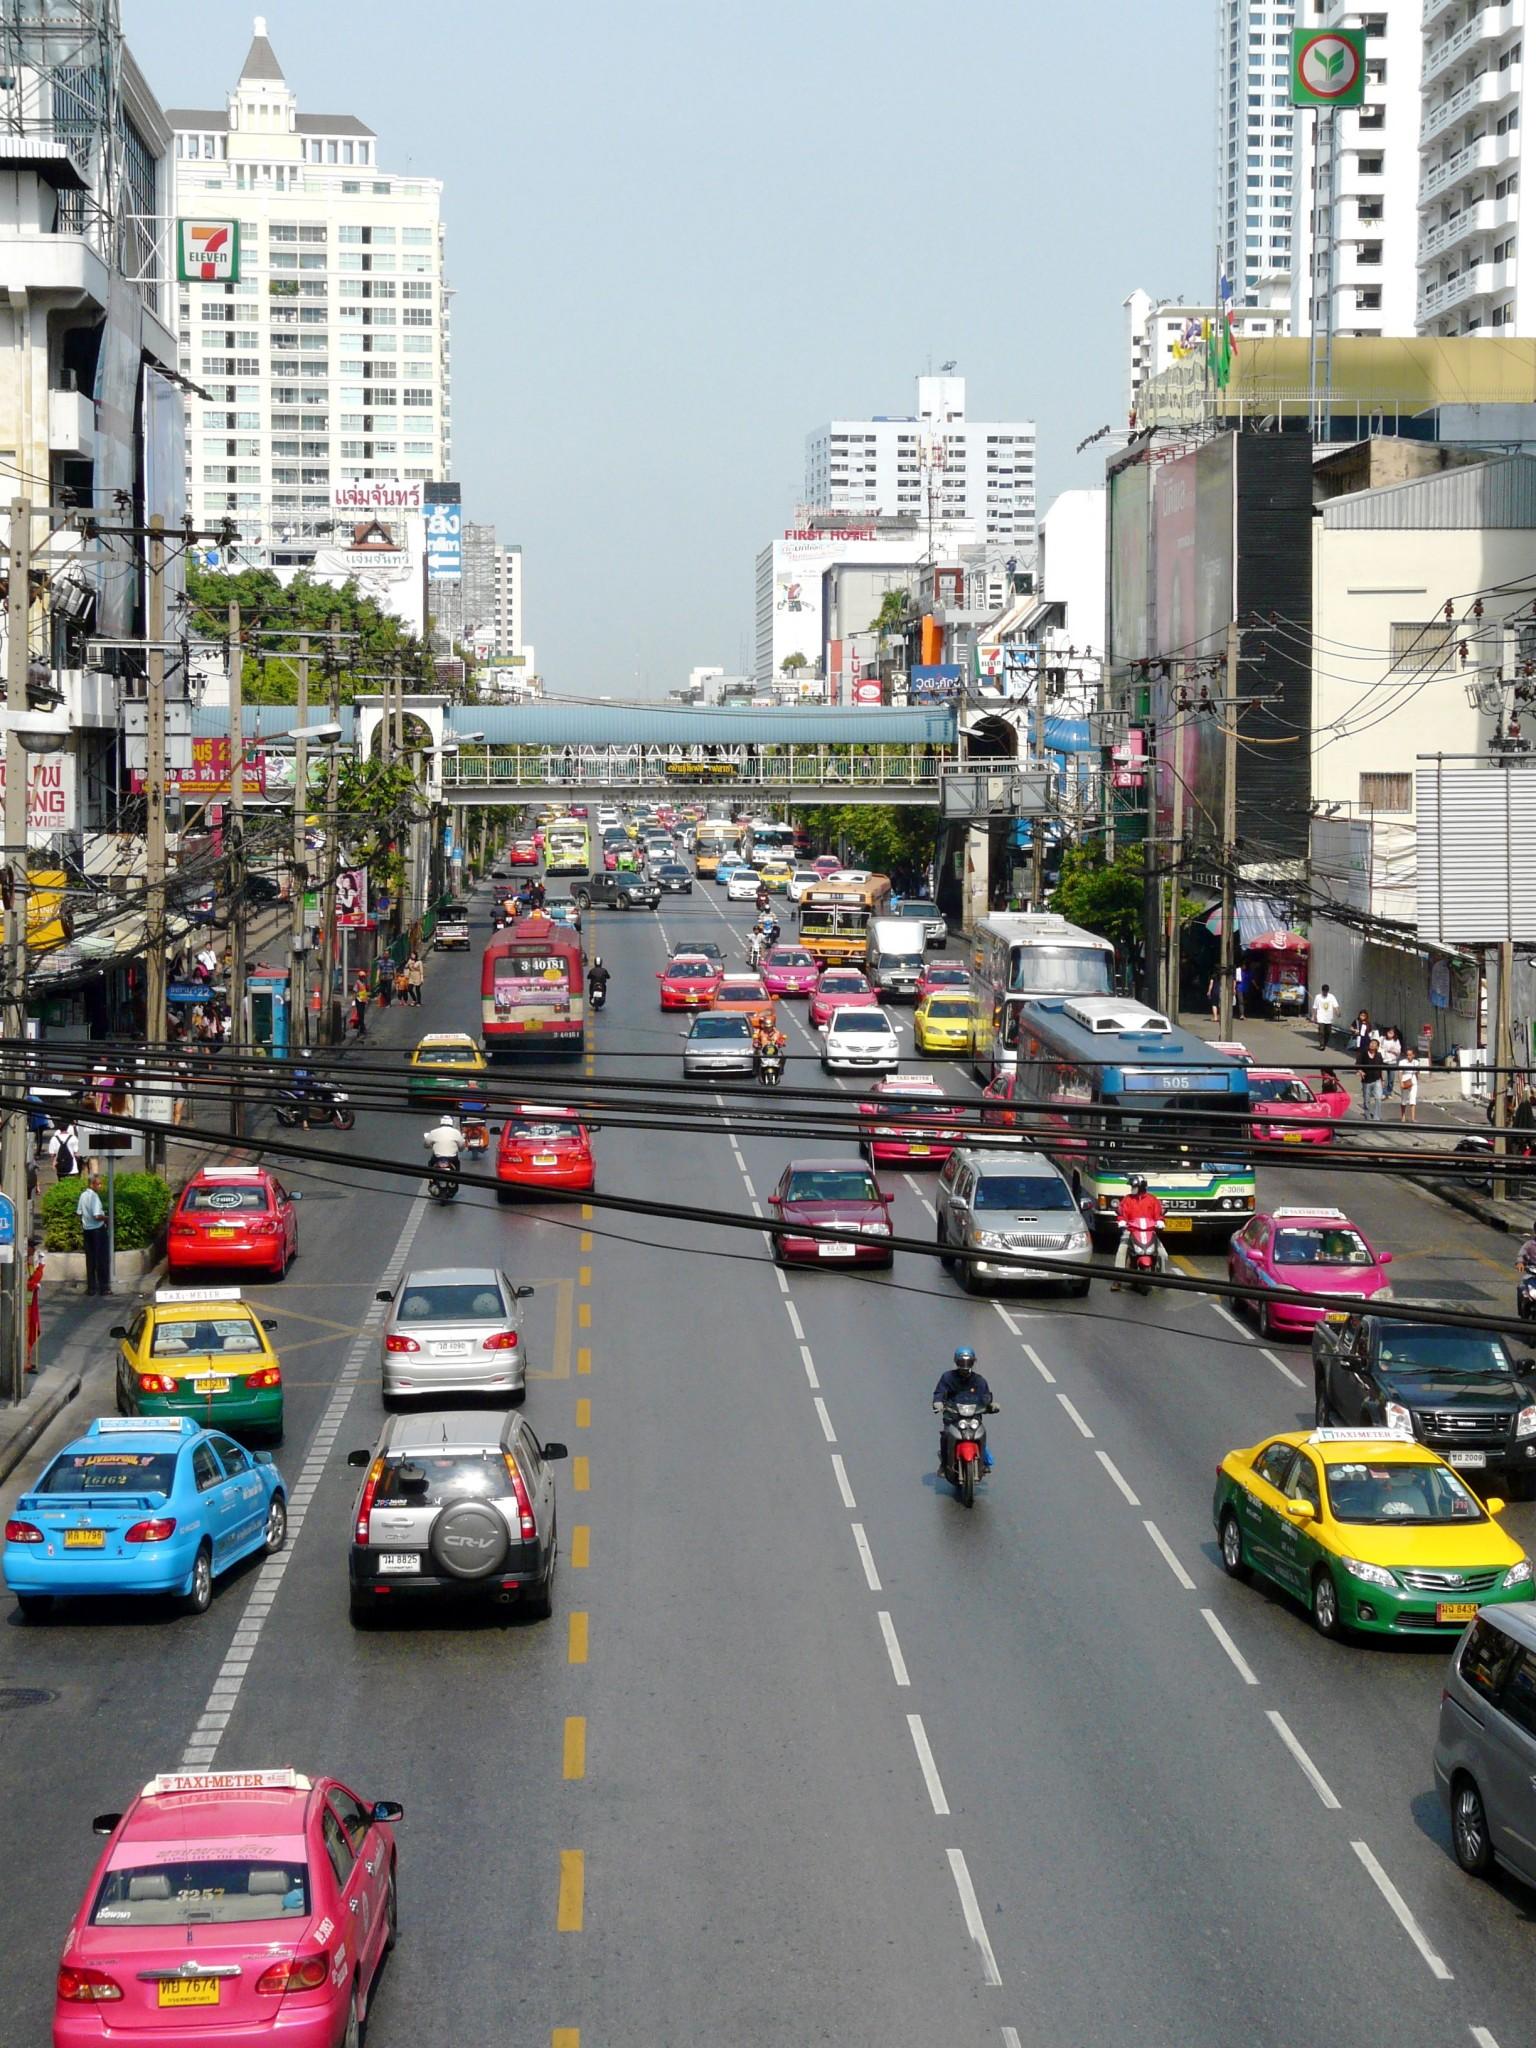 Liikkuminen Bangkokissa: ruuhka